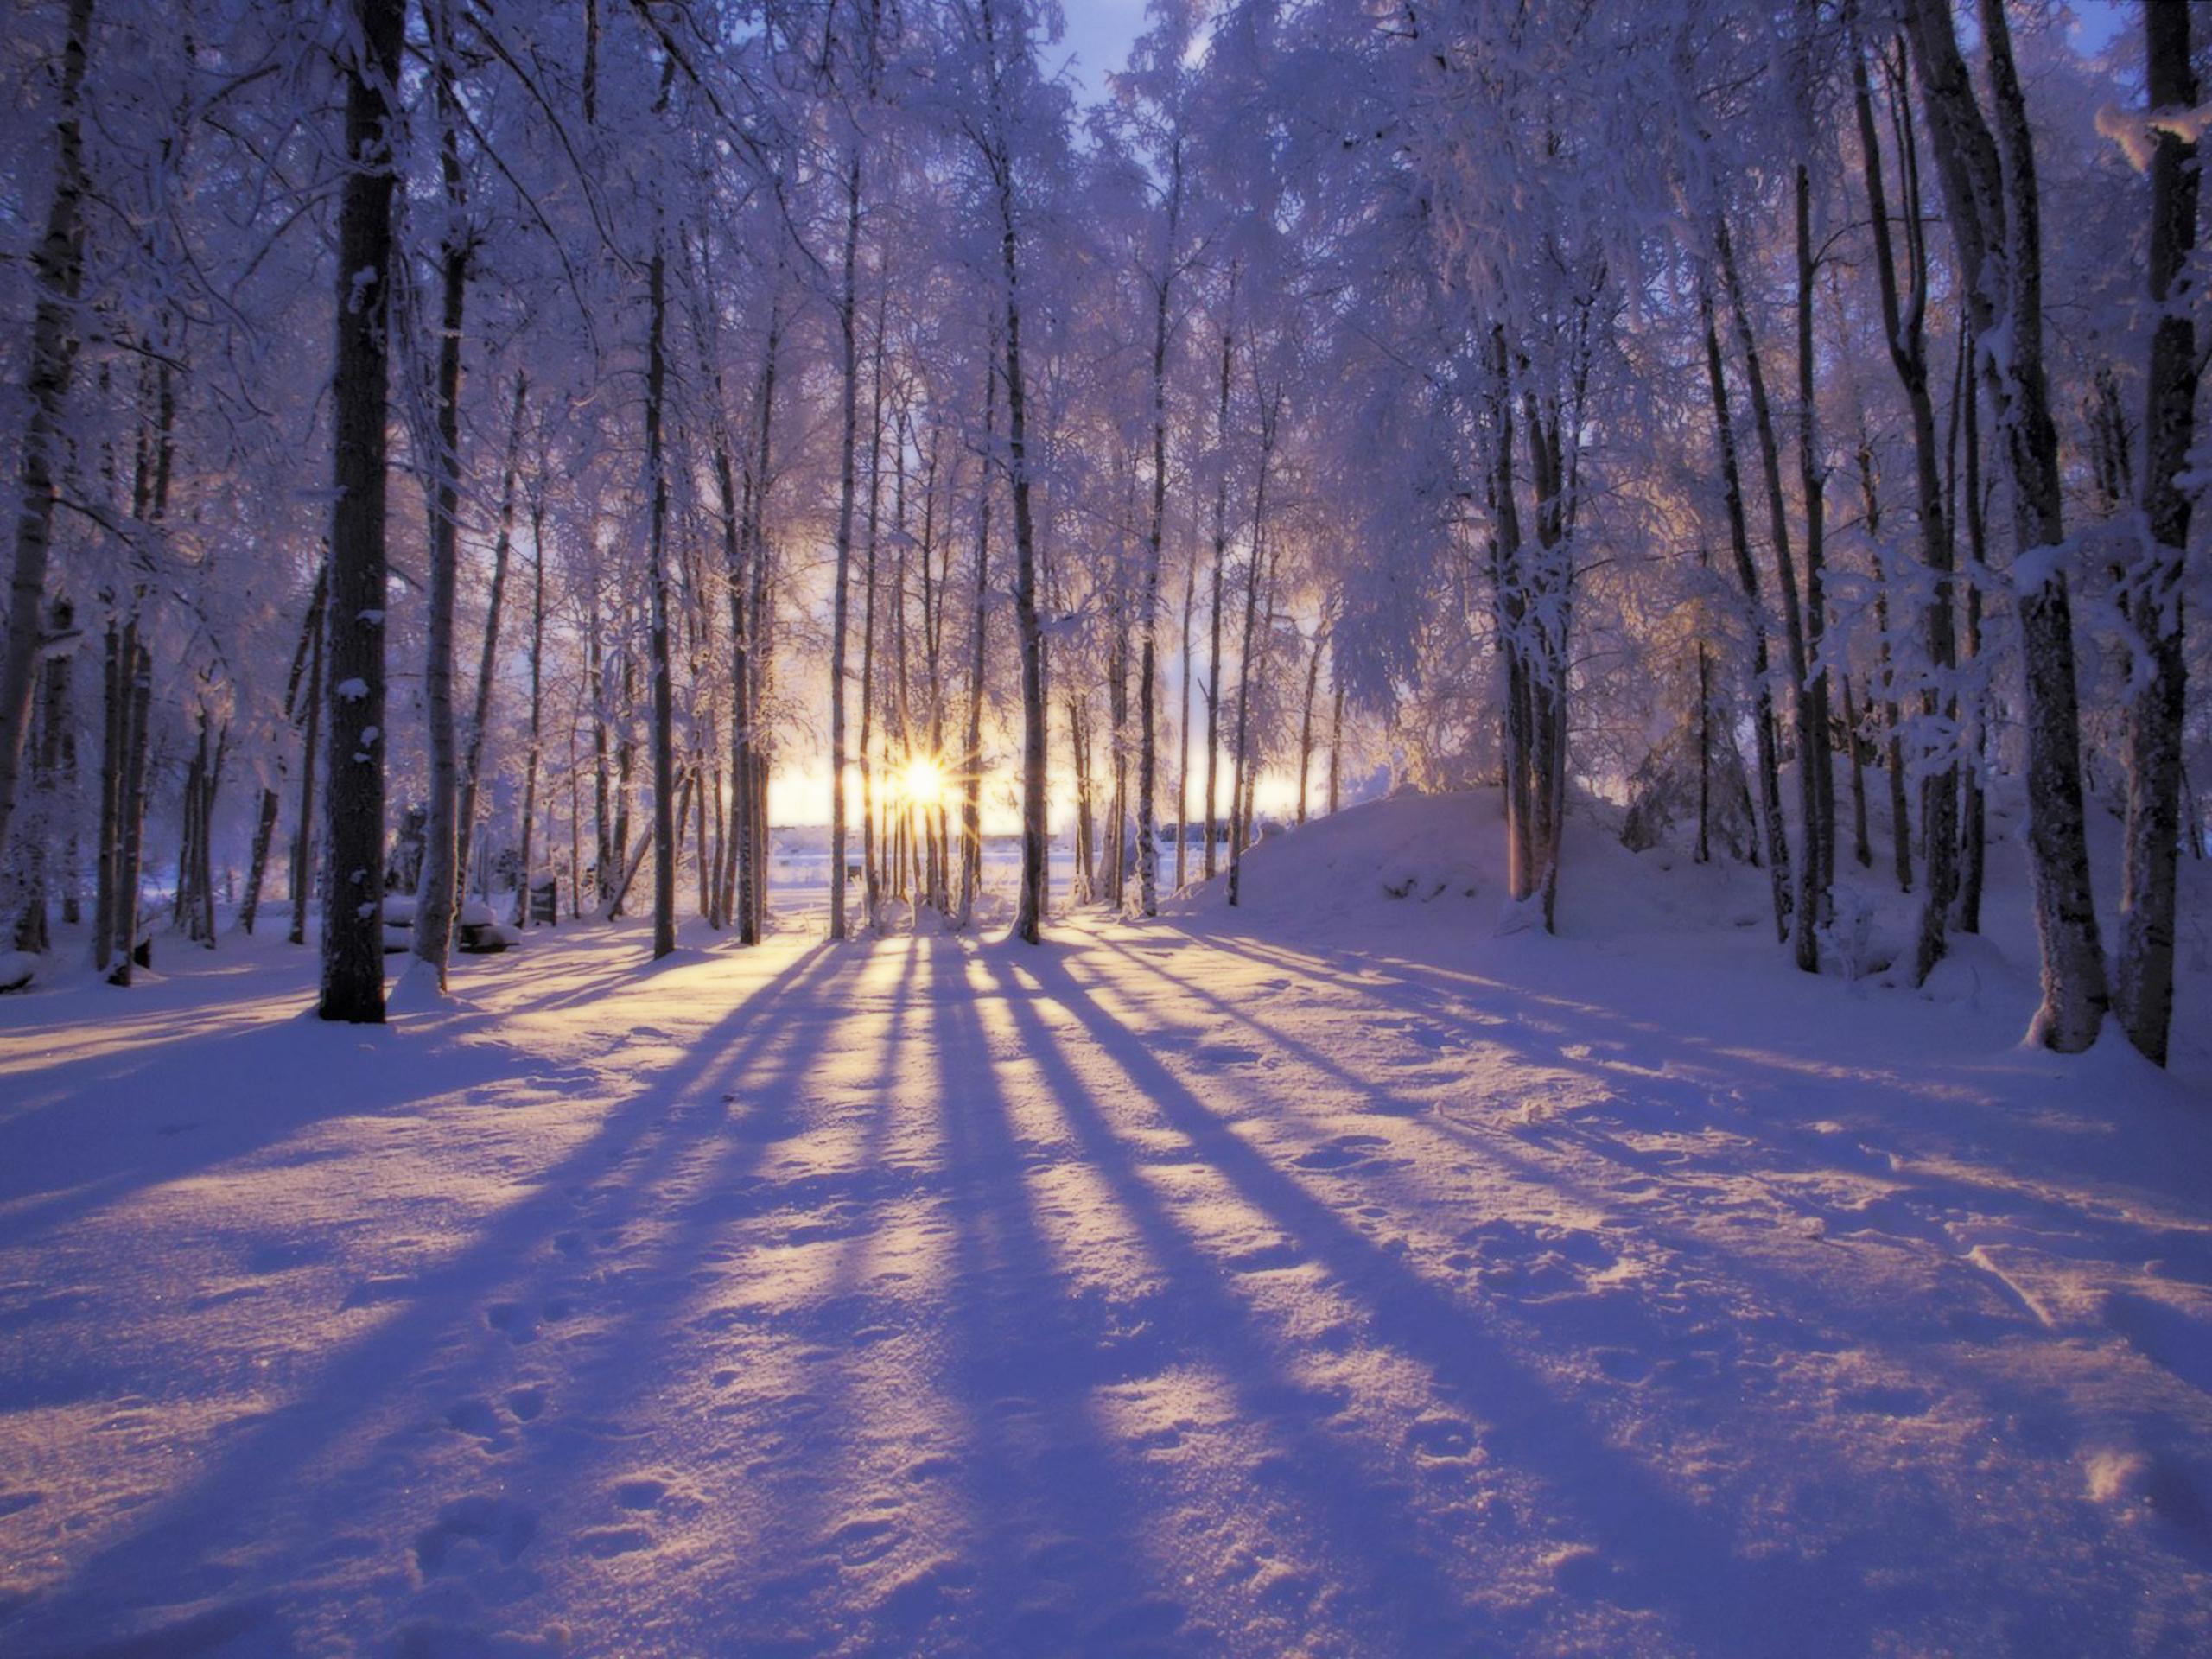 /winter-desktop-wallpaper-free-winter-desktop-wallpaper-winter-scene ...